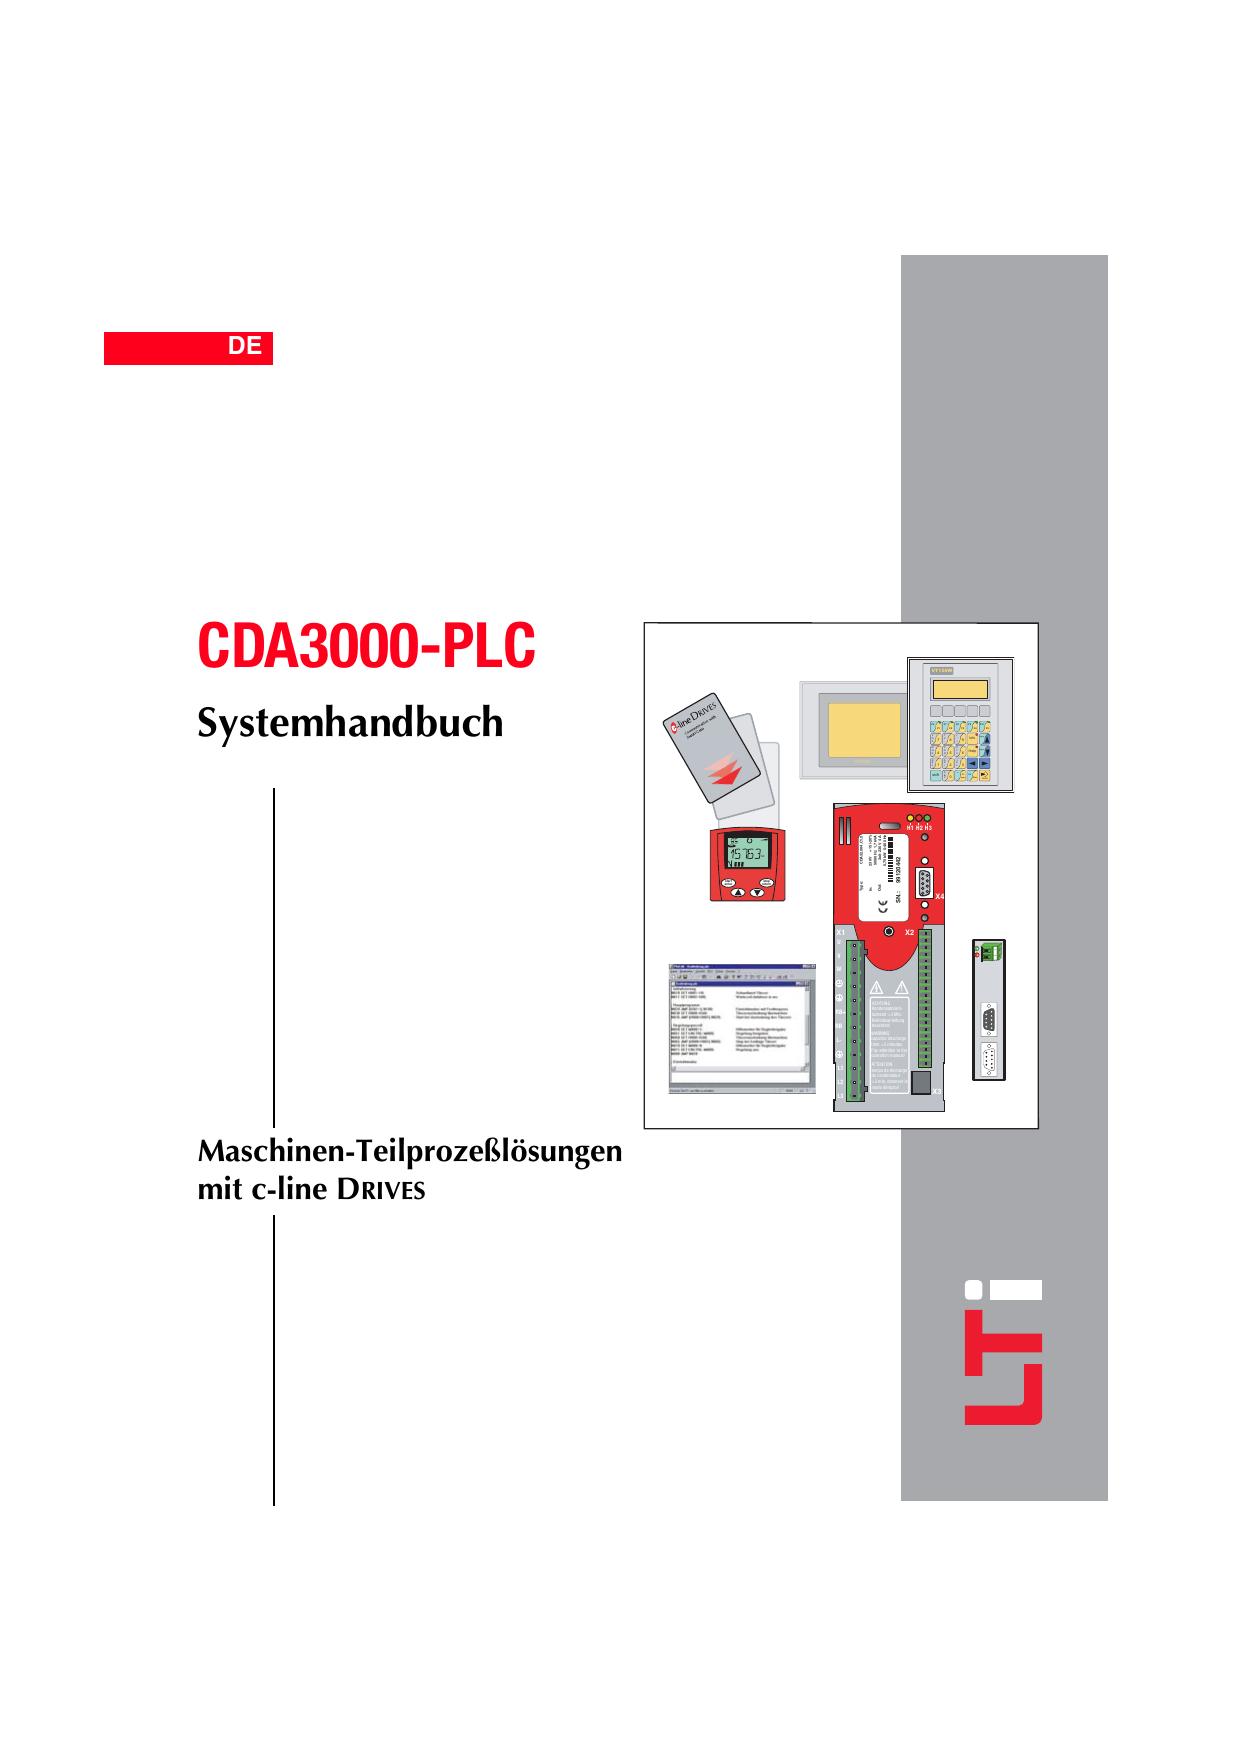 CDA3000-PLC Maschinen-Teilprozeßlösungen mit c | manualzz.com